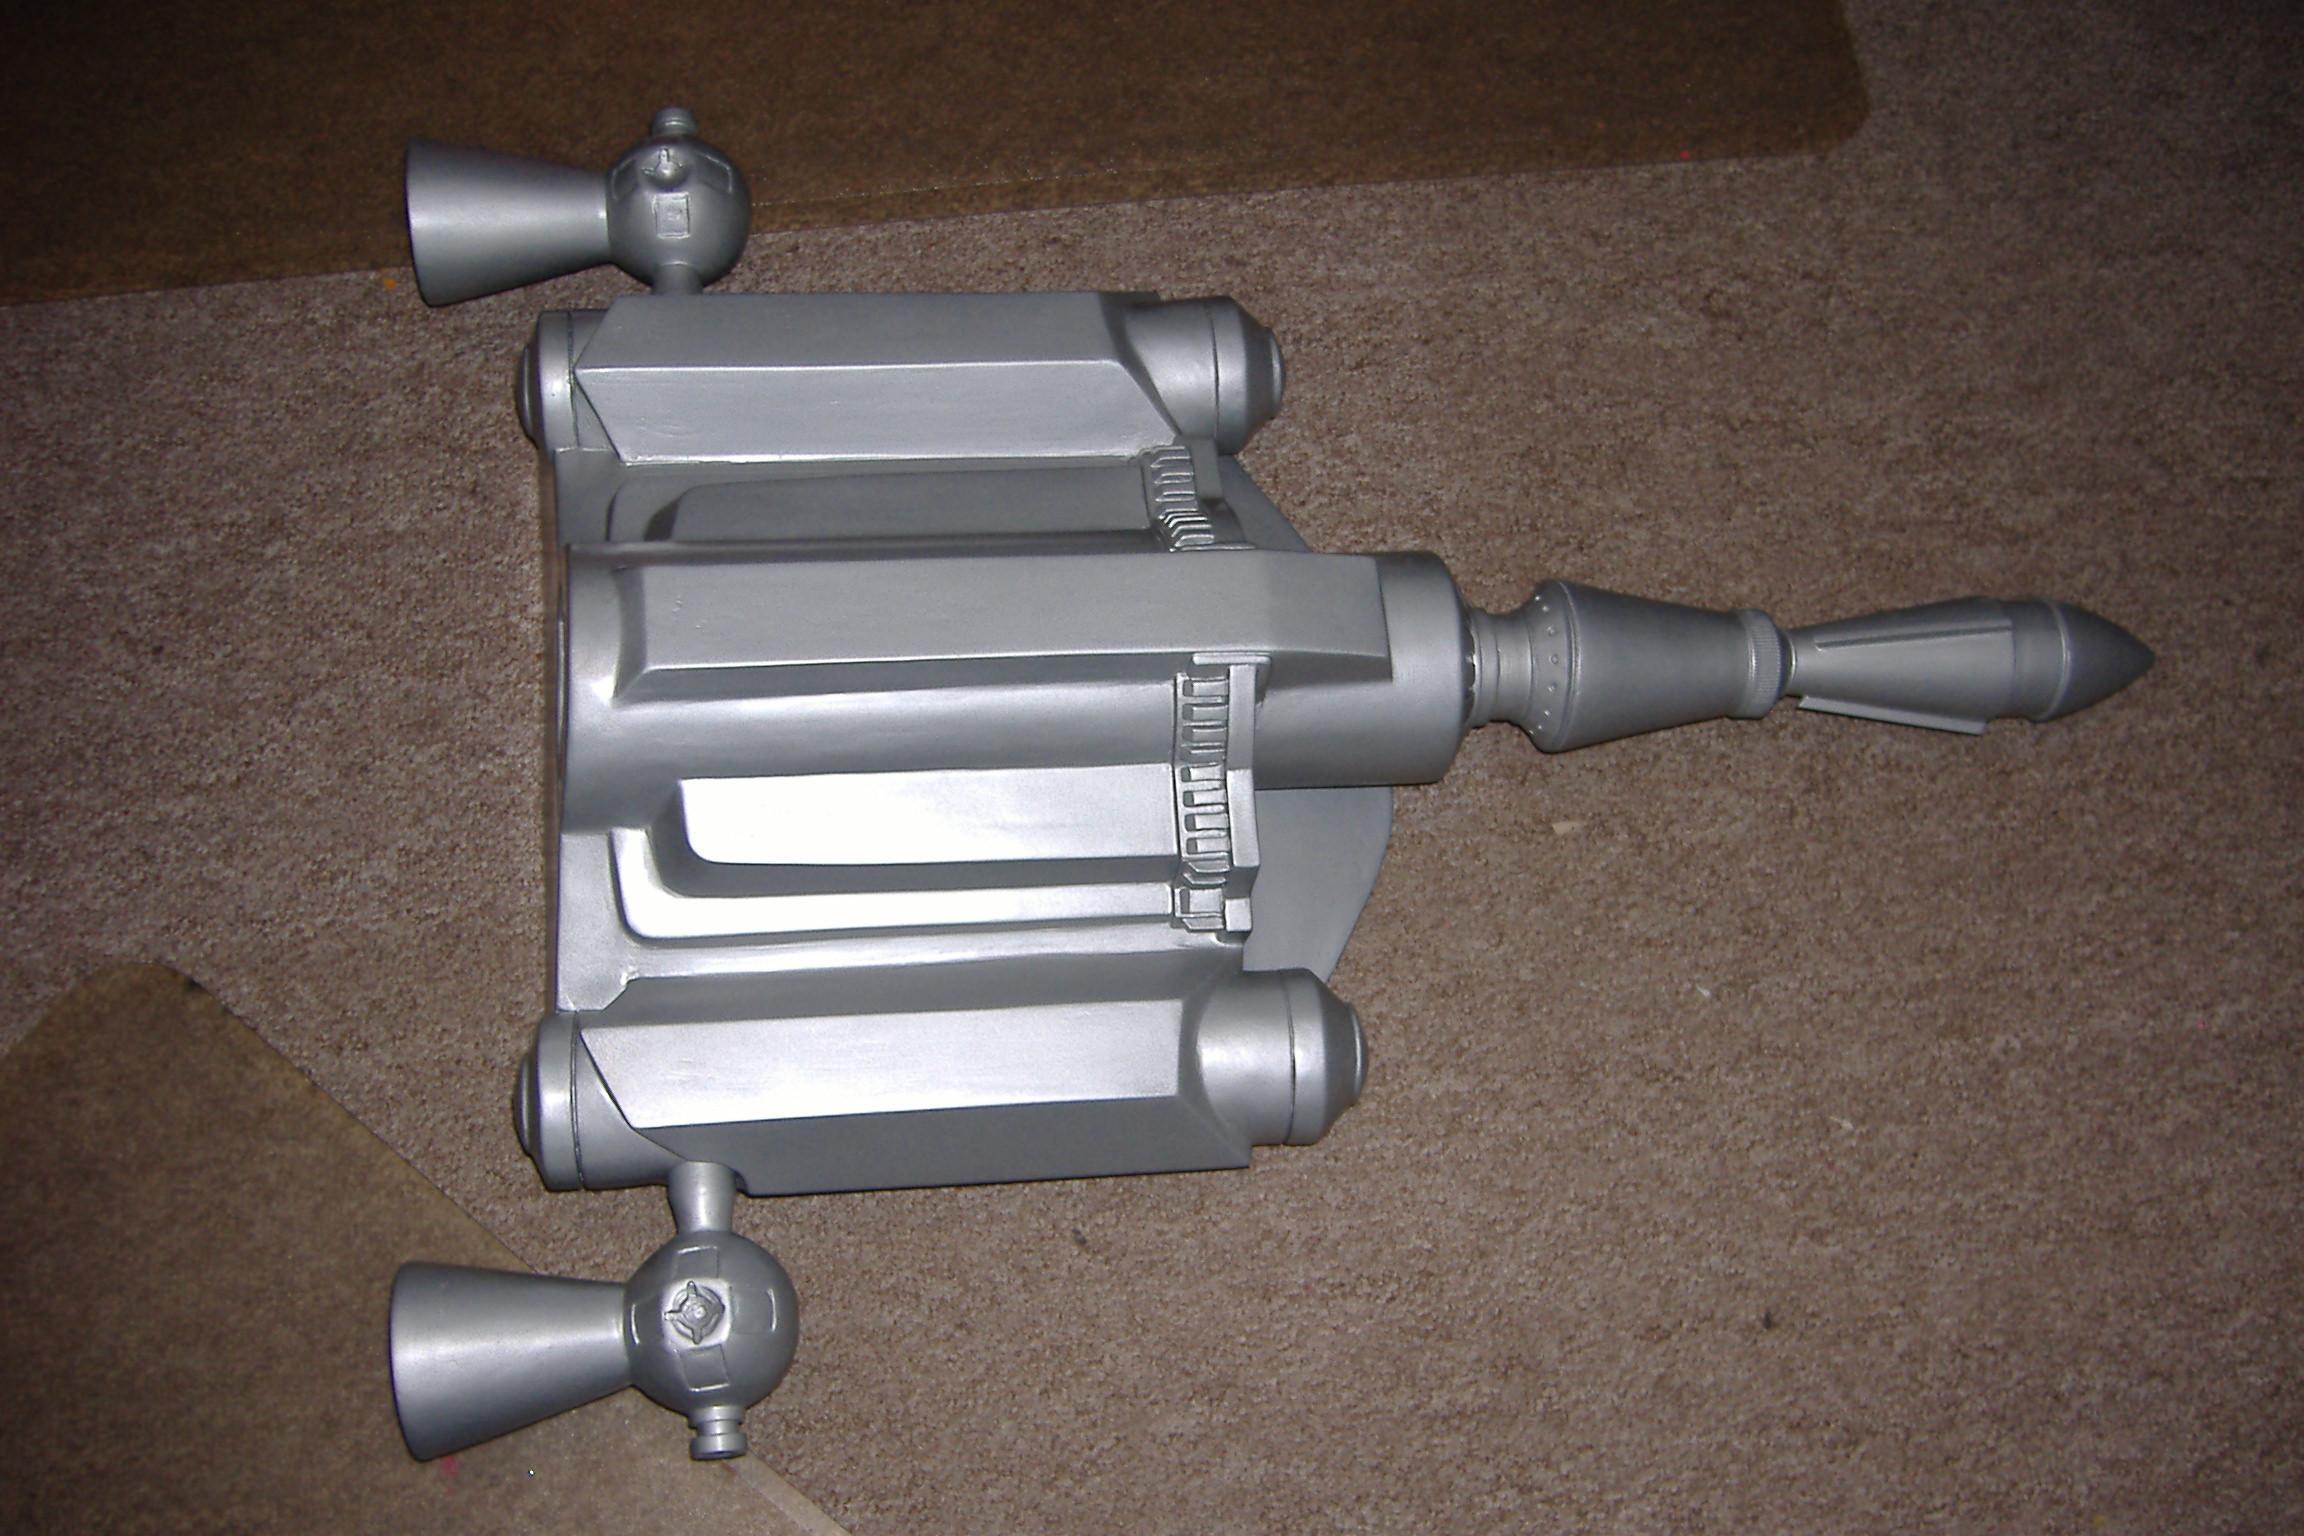 DSCF4494-1.JPG